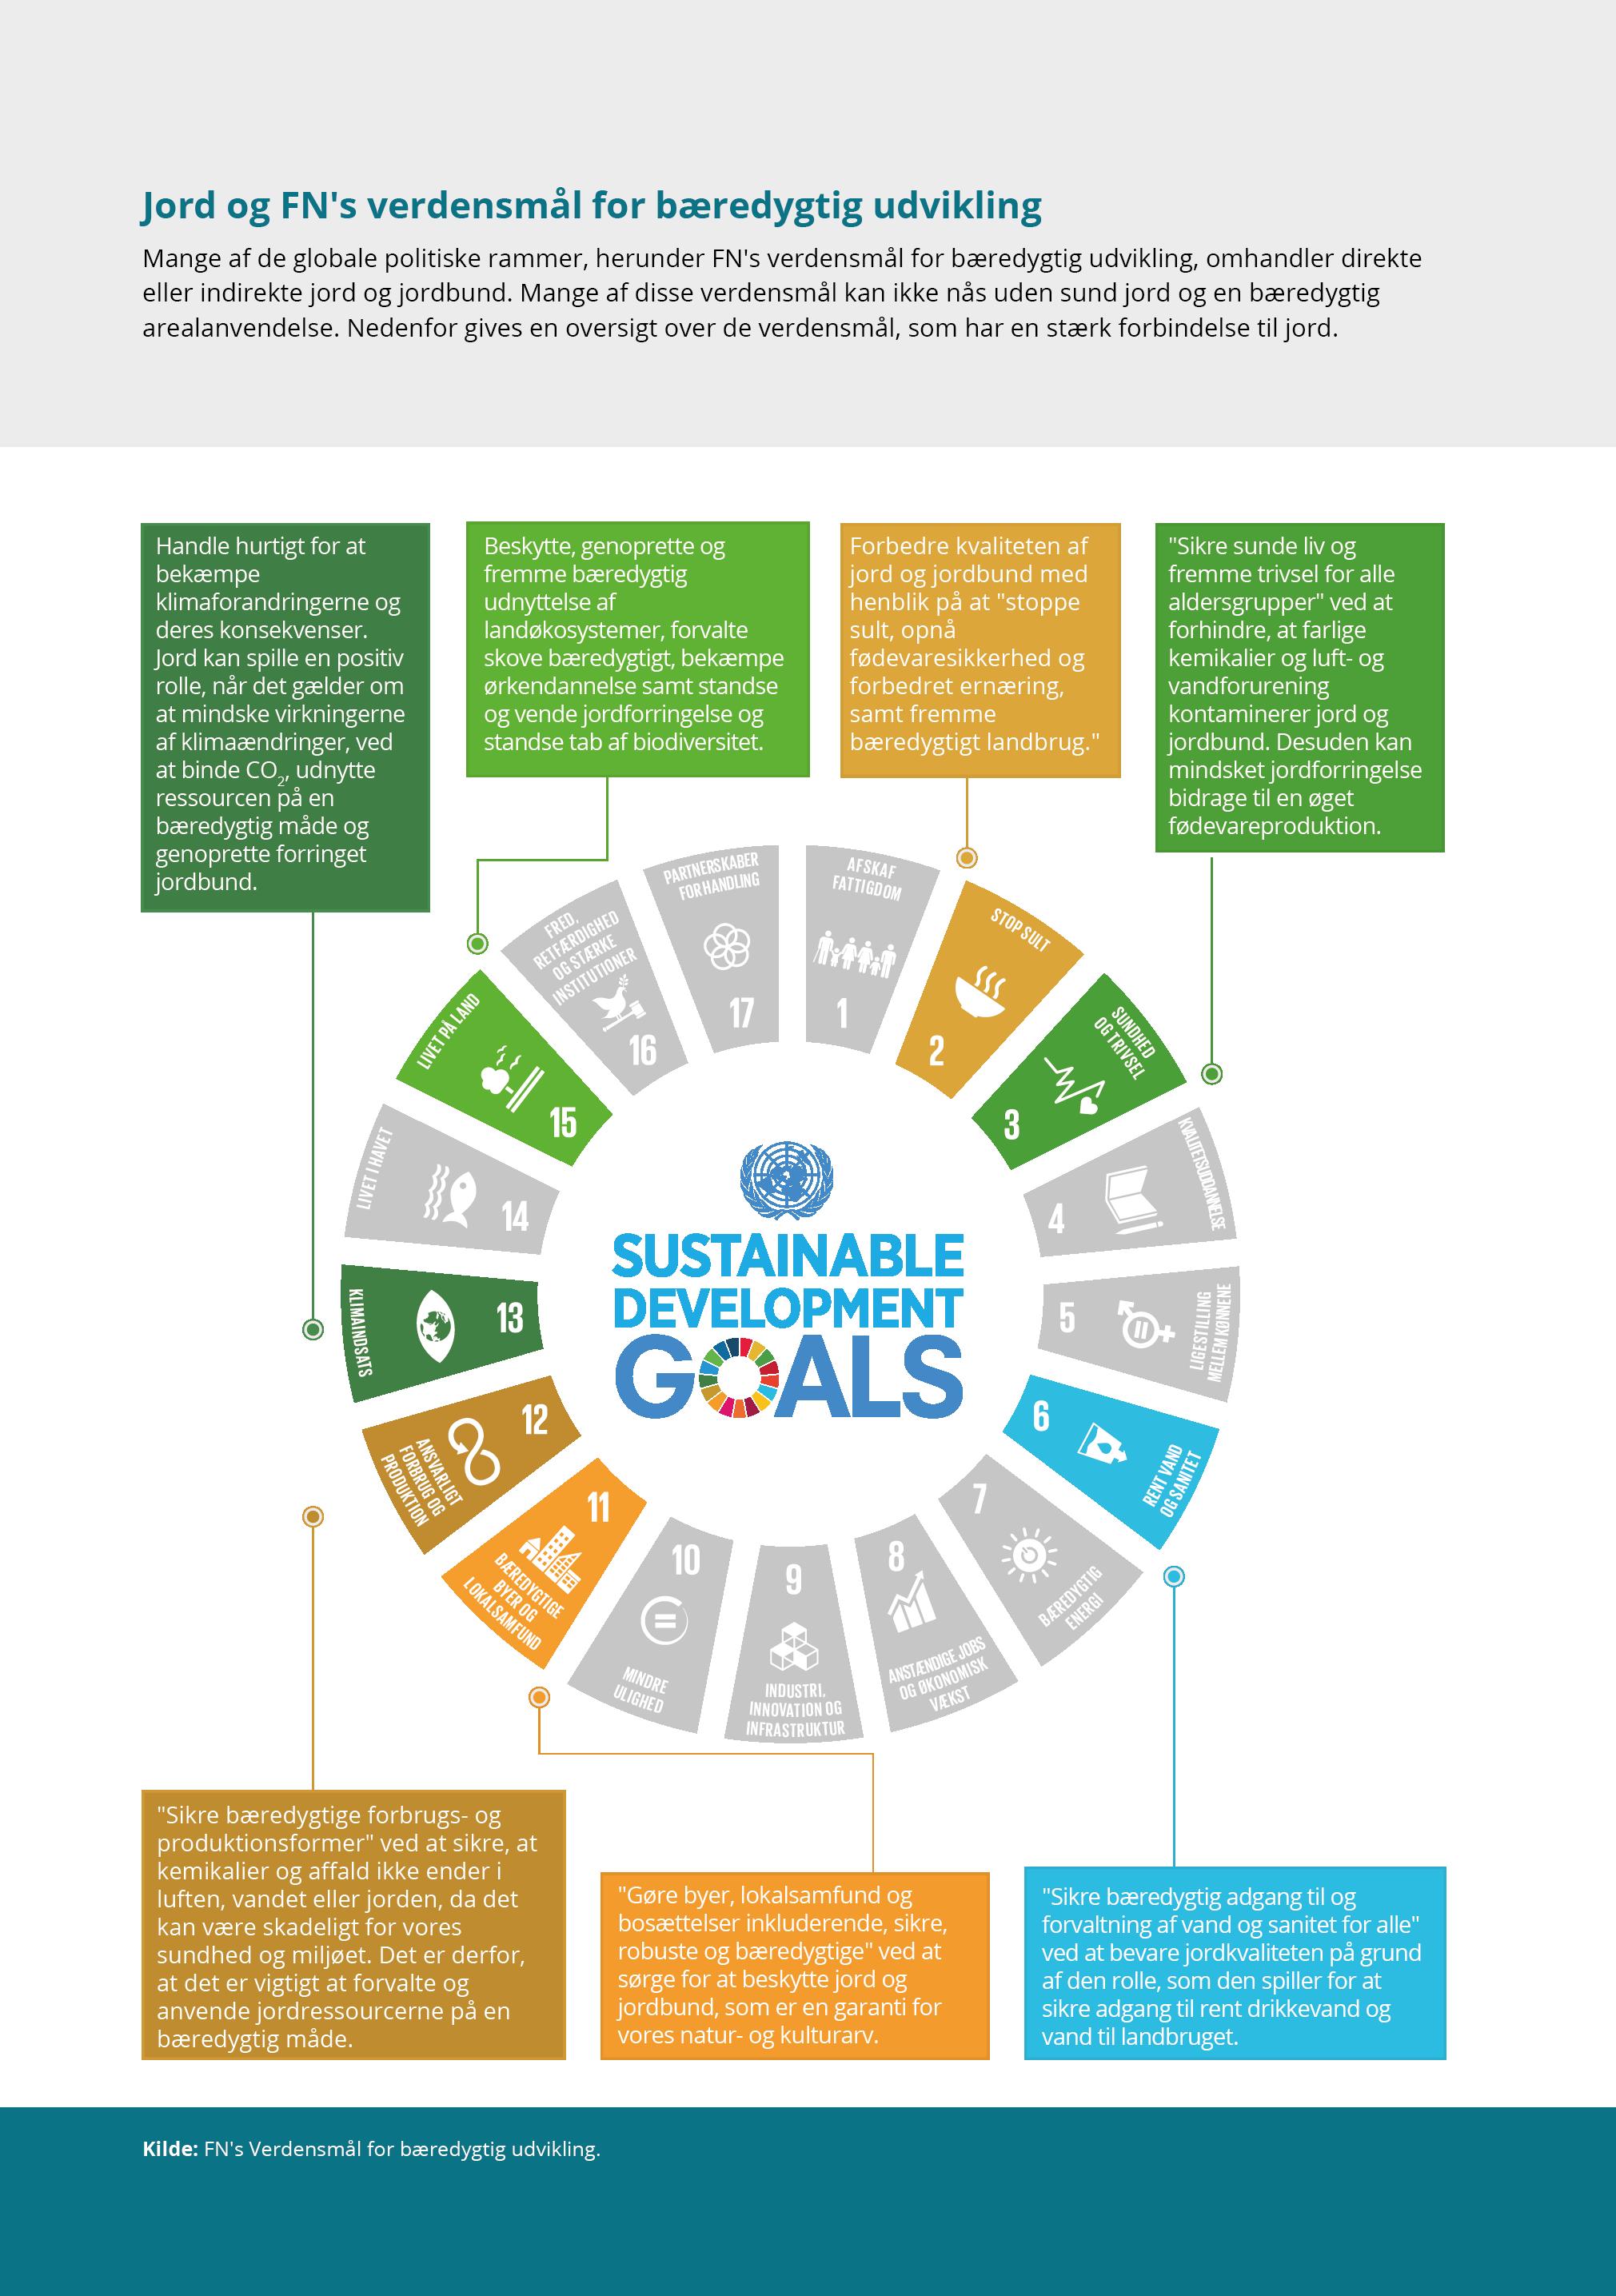 Jord og FN's verdensmål for bæredygtig udvikling